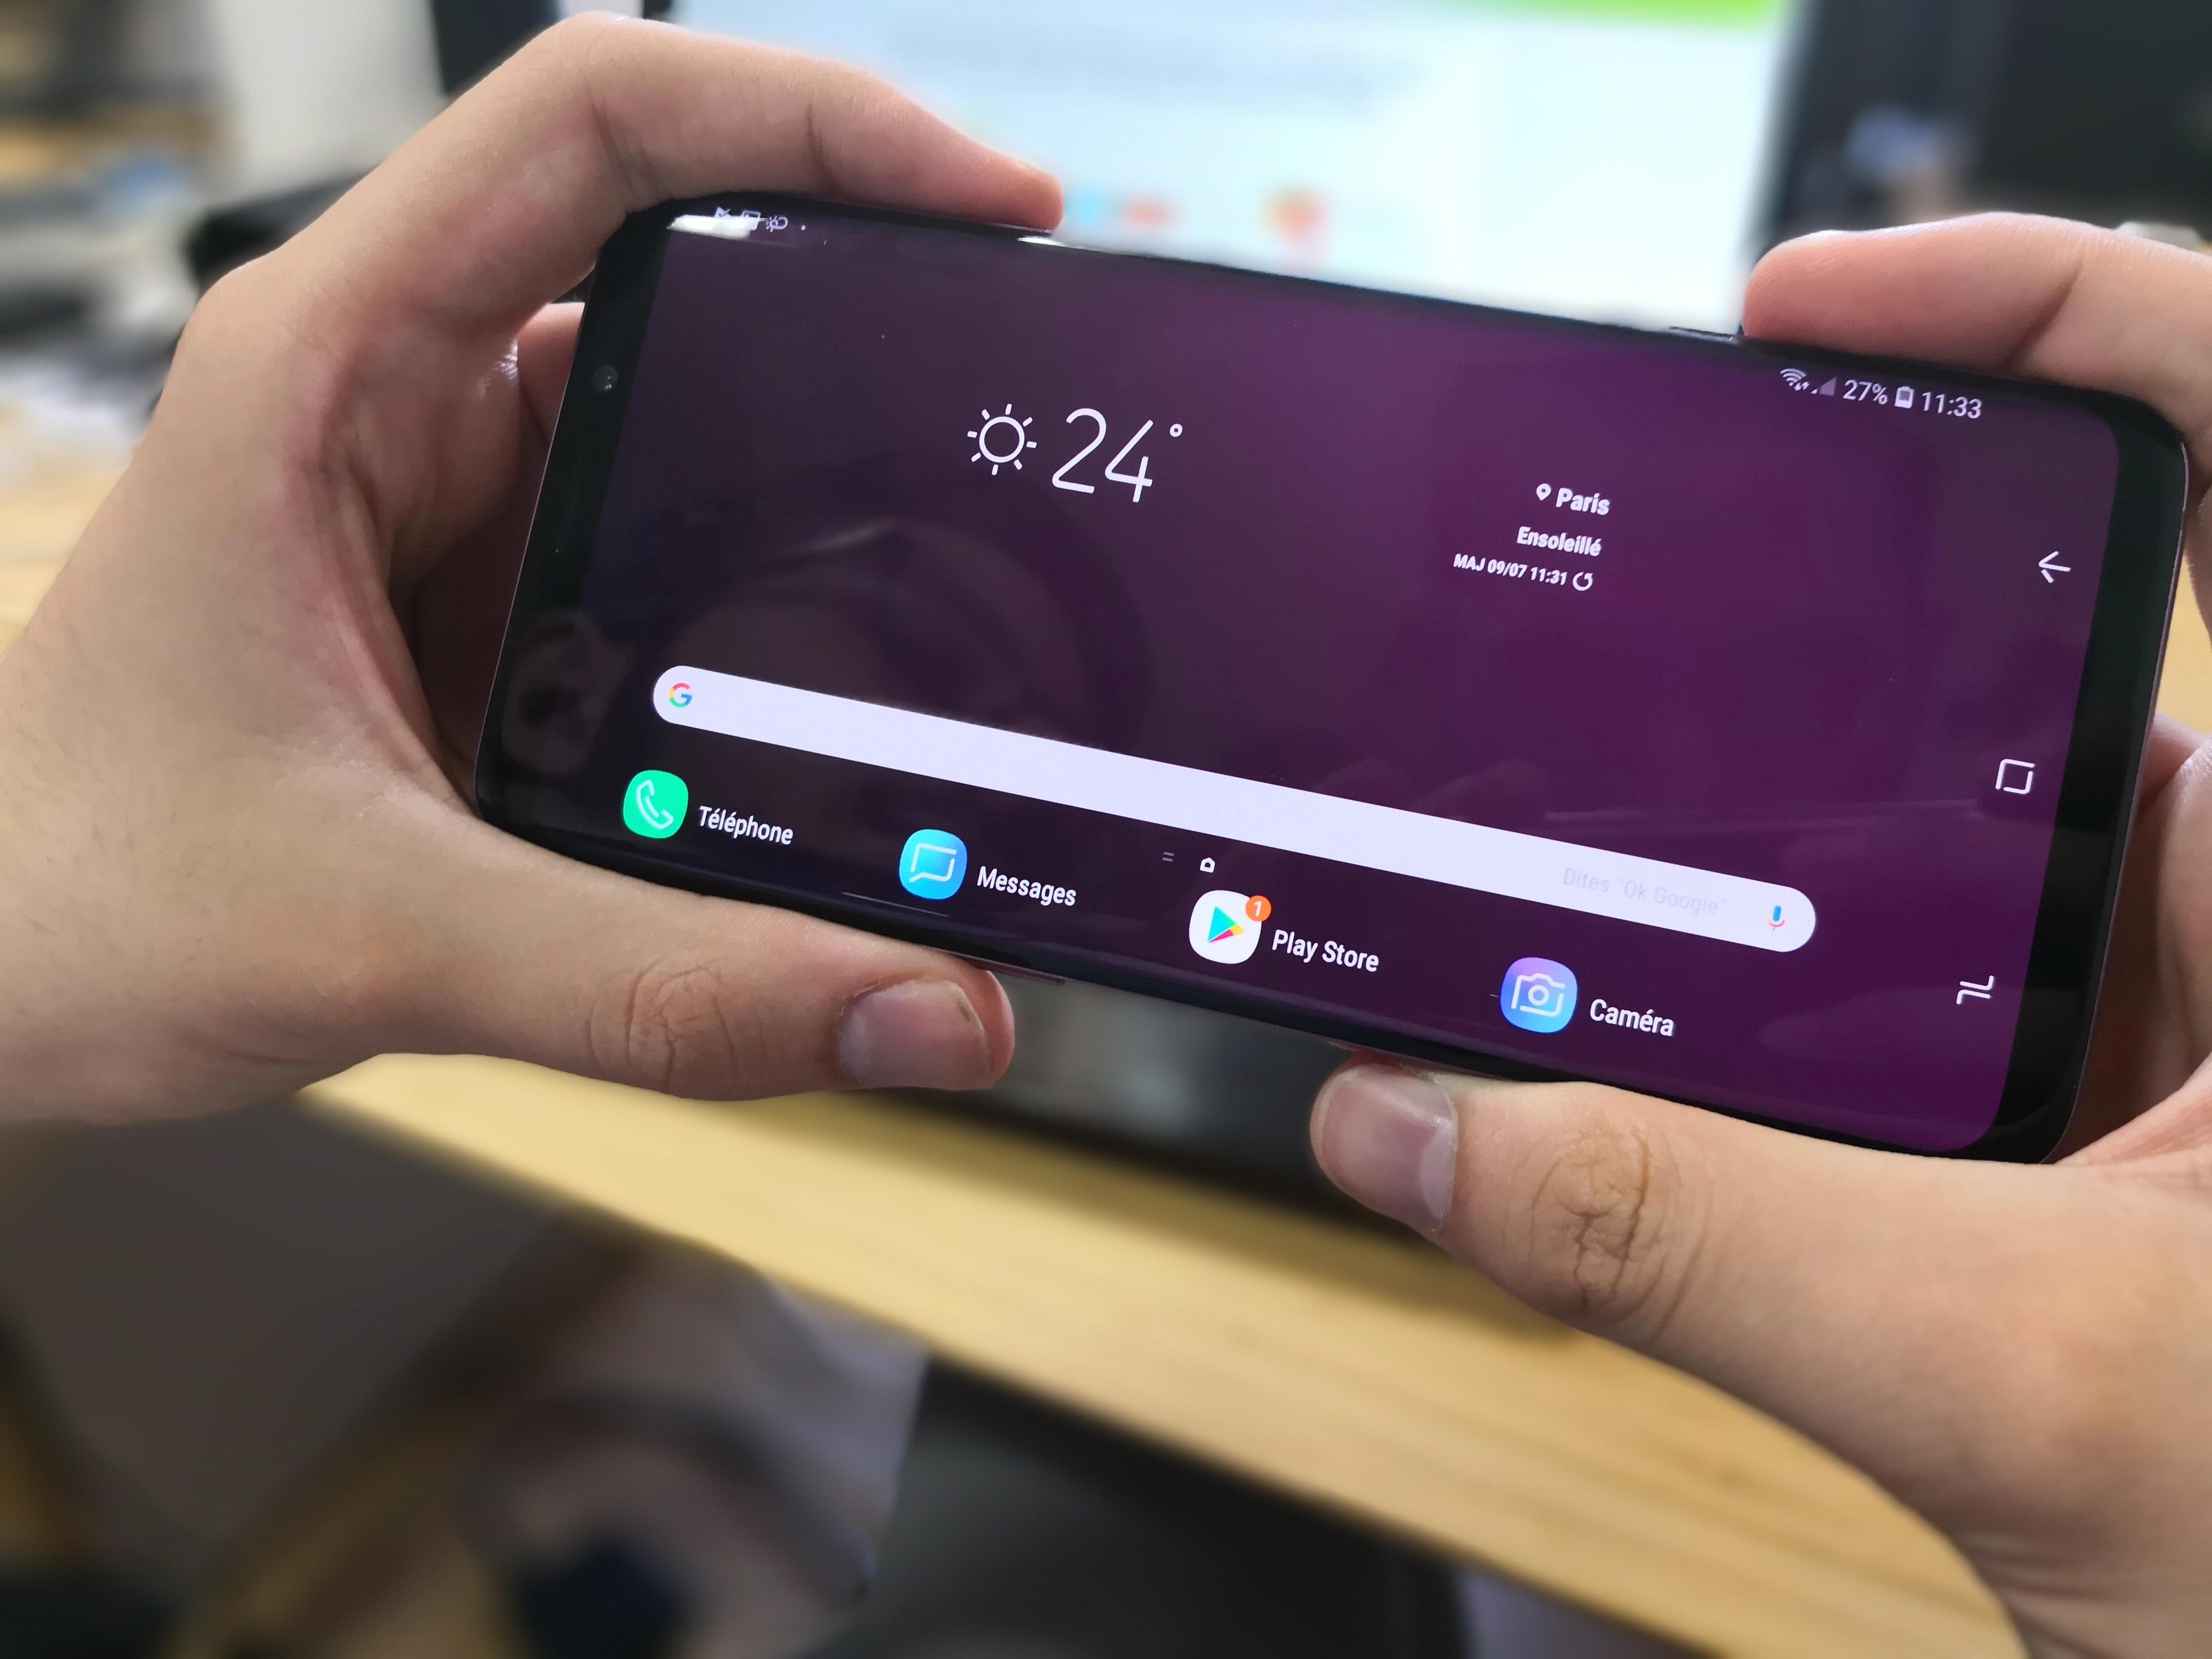 Les Samsung Galaxy S8, S8+, Note 8 récupèrent une fonctionnalité de l'interface du Galaxy S9 en test